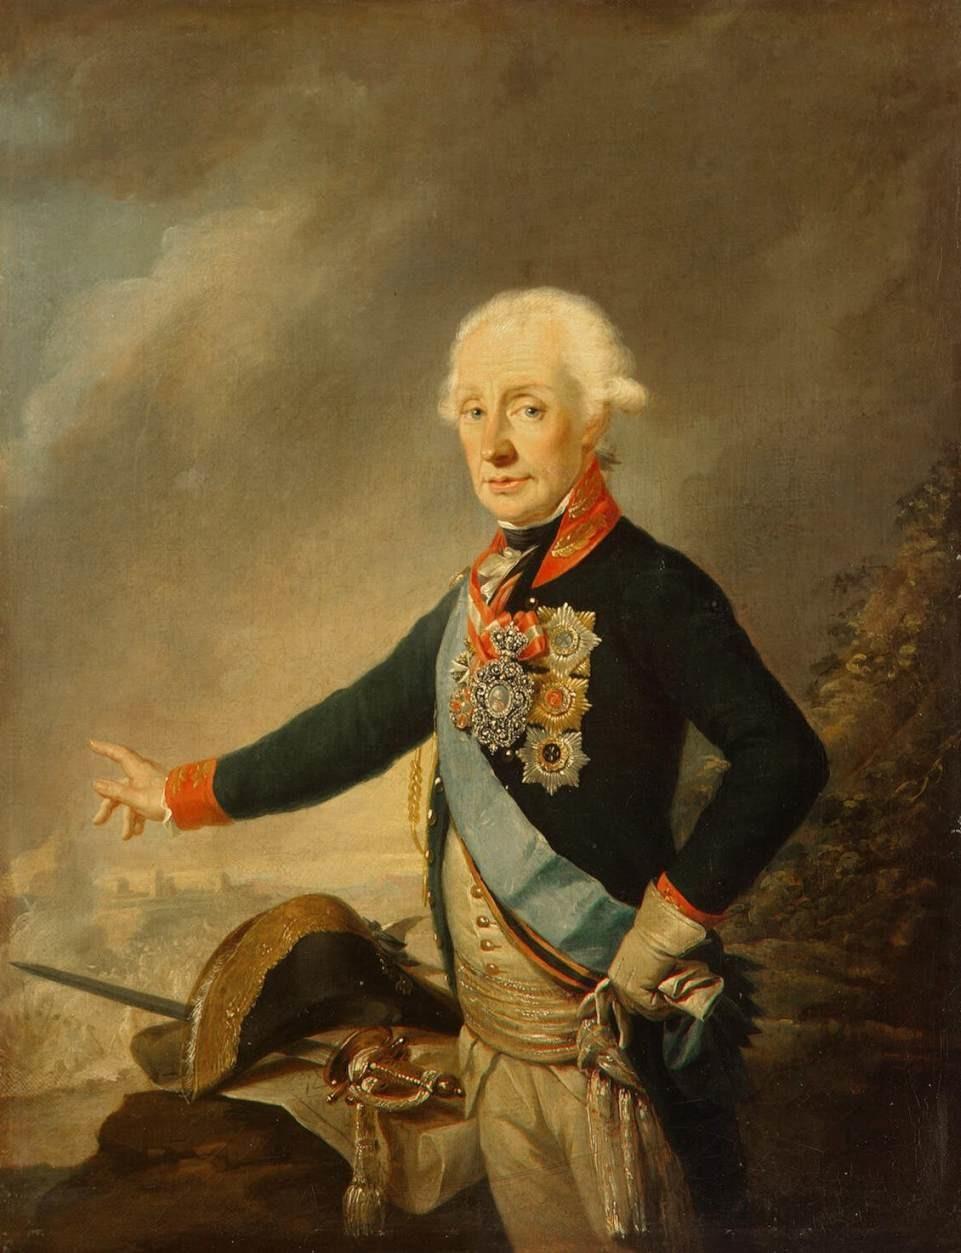 Јозеф Крајцингер: Портрет грофа Александра Суворова.